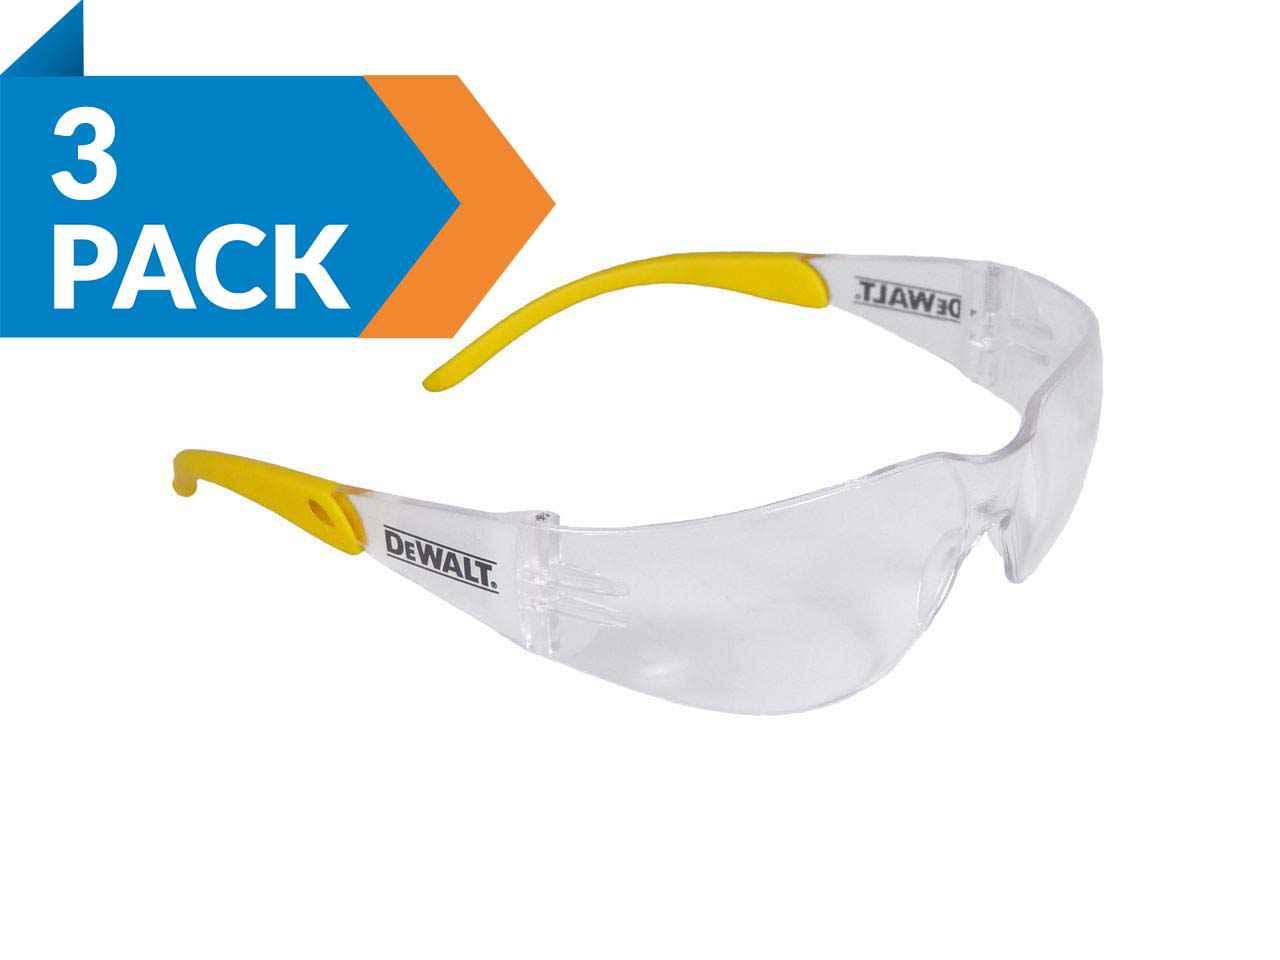 Clear DEWSGPC DEWALT Protector Safety Glasses